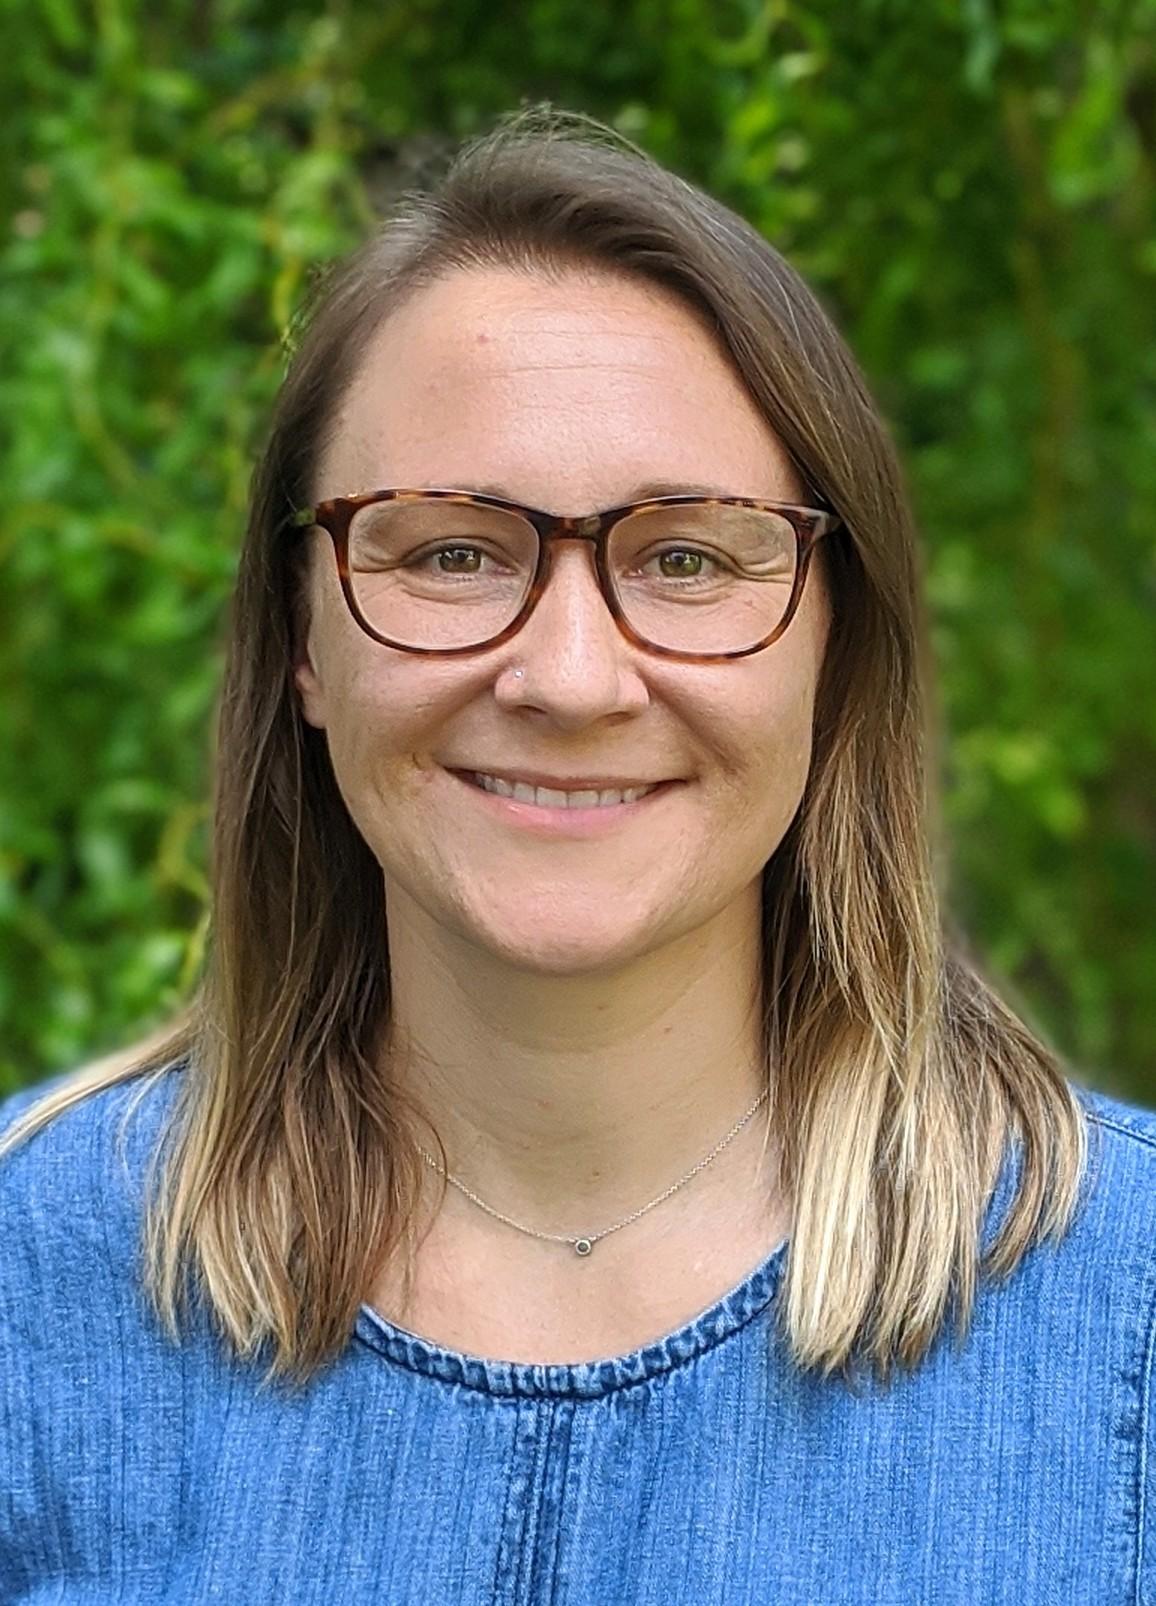 Tamara Wasylec